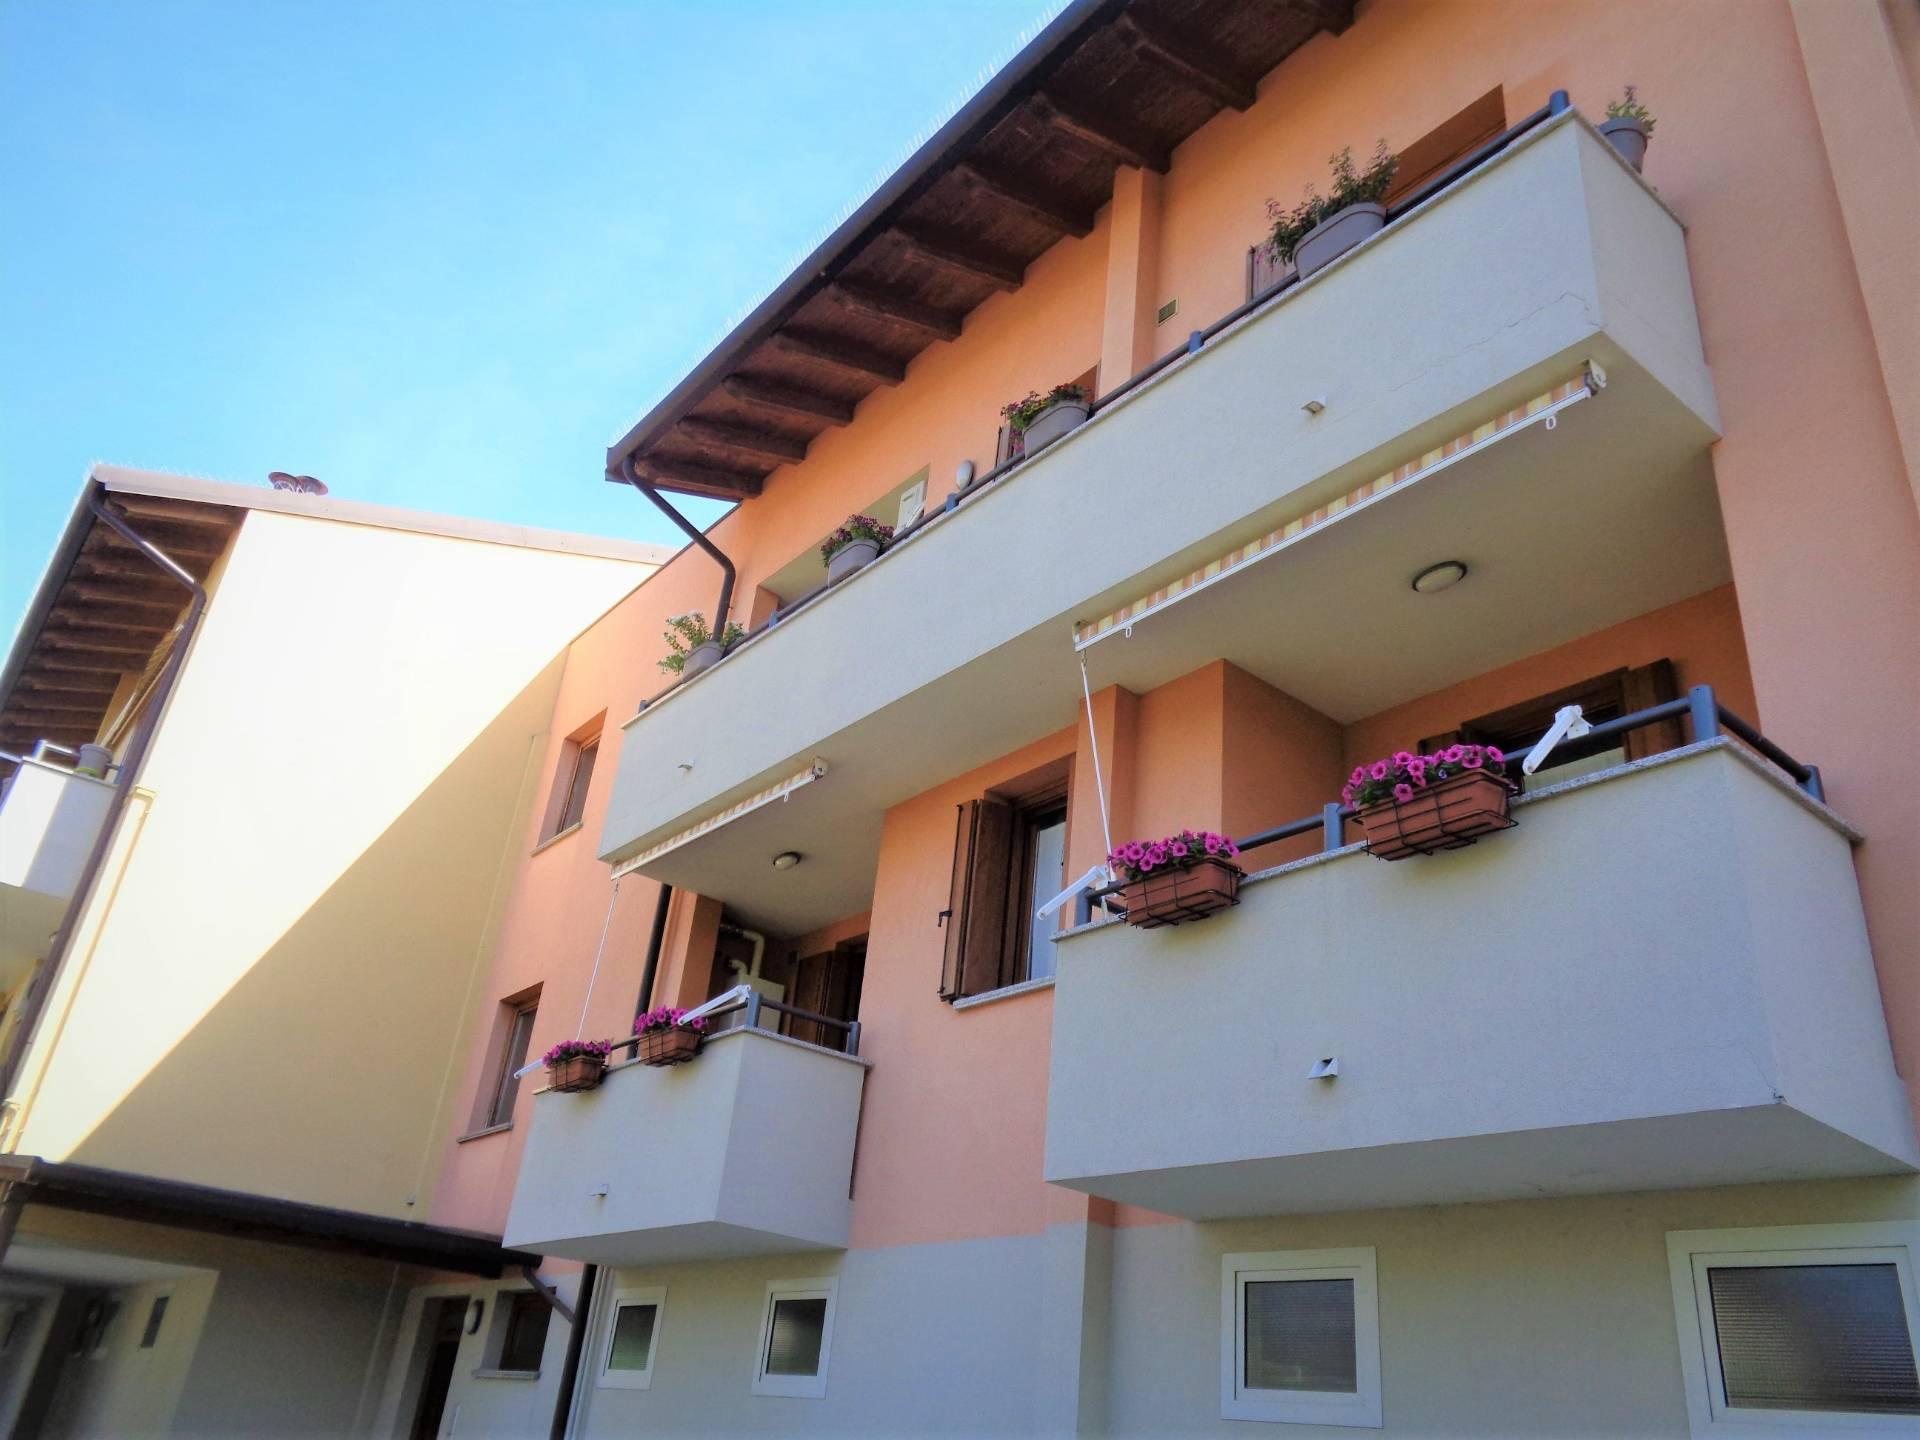 udine vendita quart:  immobiliare-collini-s.n.c.